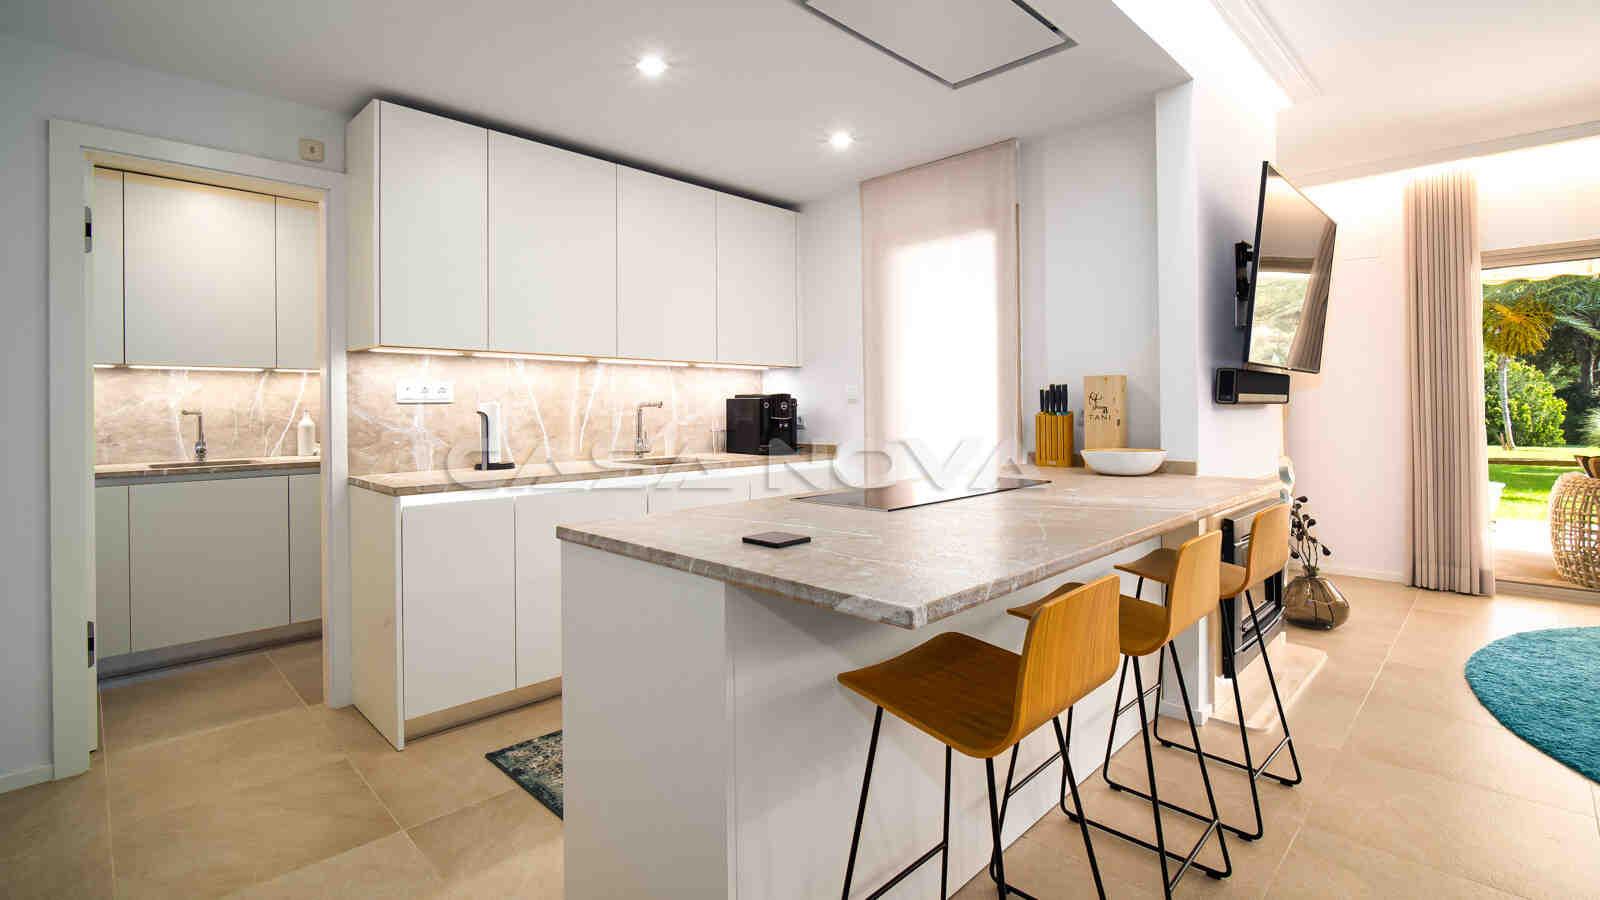 Moderne Einbauküche vollausgestattet mit Elektrogeräten